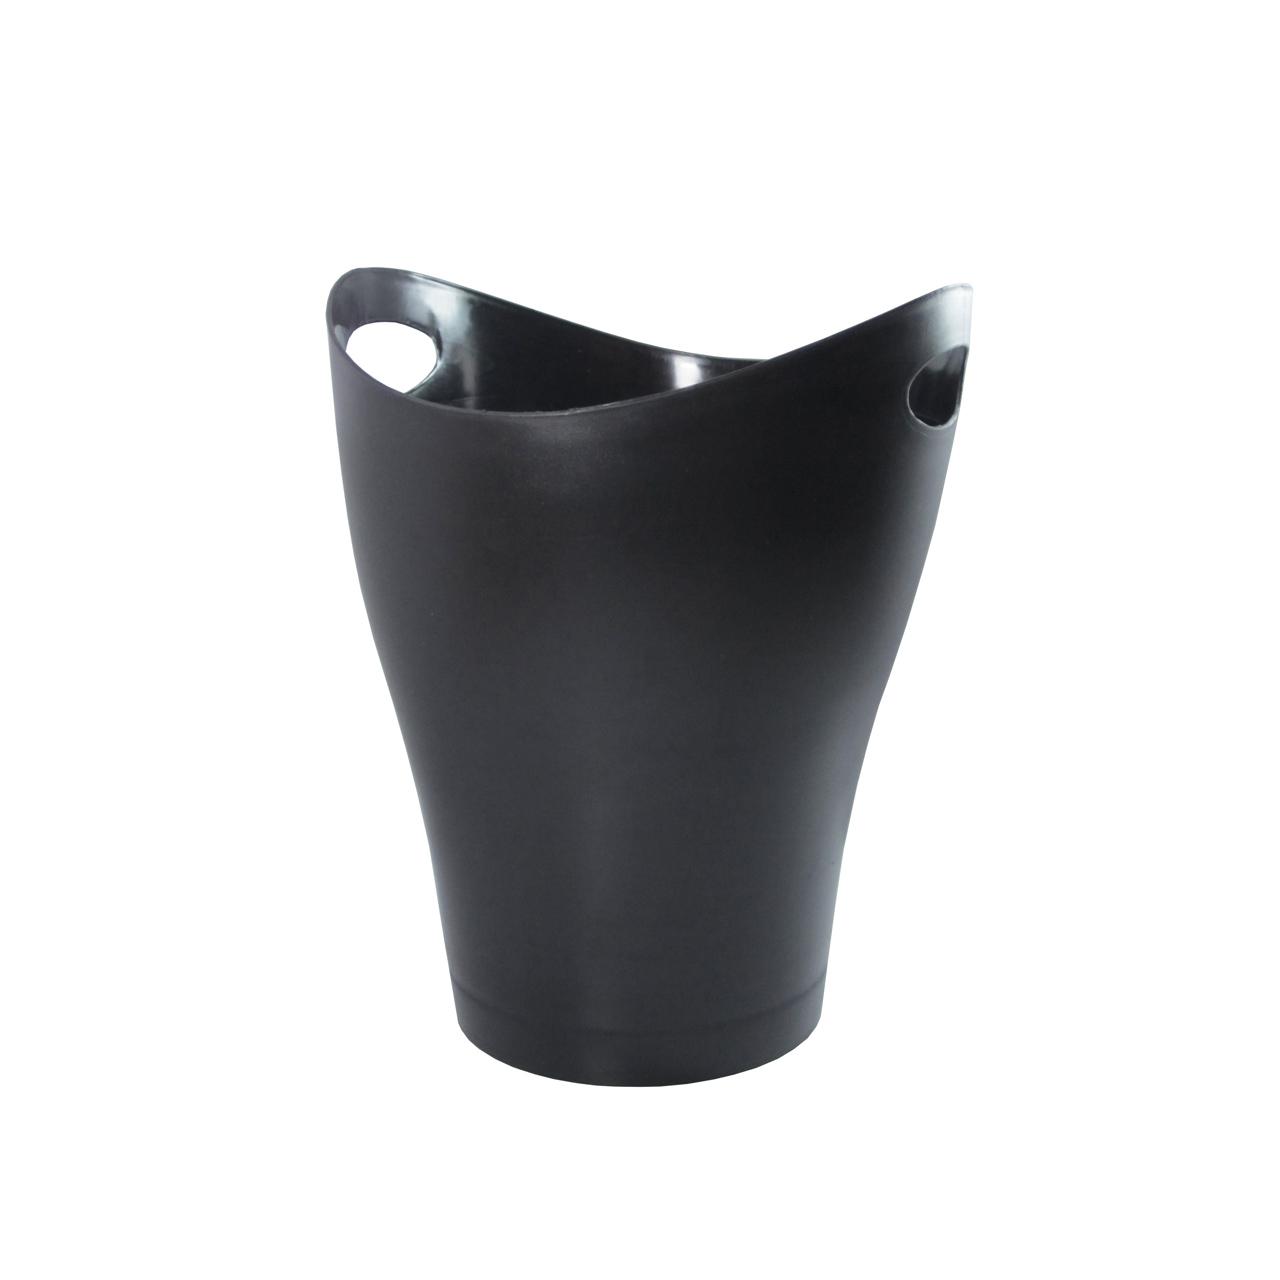 سطل زباله پلاستیکی مدل S3 سایز بزرگ thumb